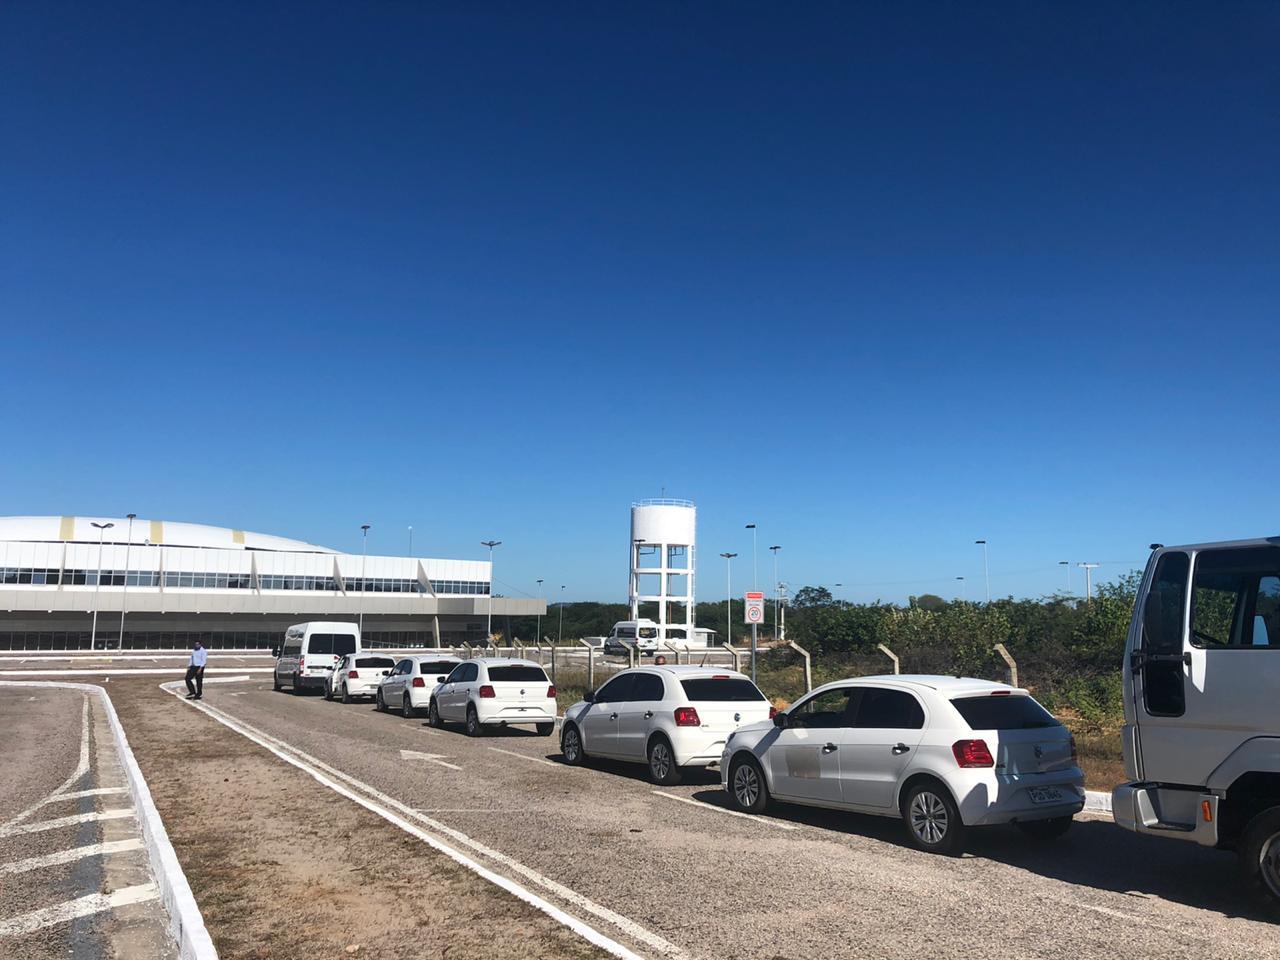 Comitiva de Jair Bolsonaro desembarca em São Raimundo Nonato (Foto: André Pessoa)